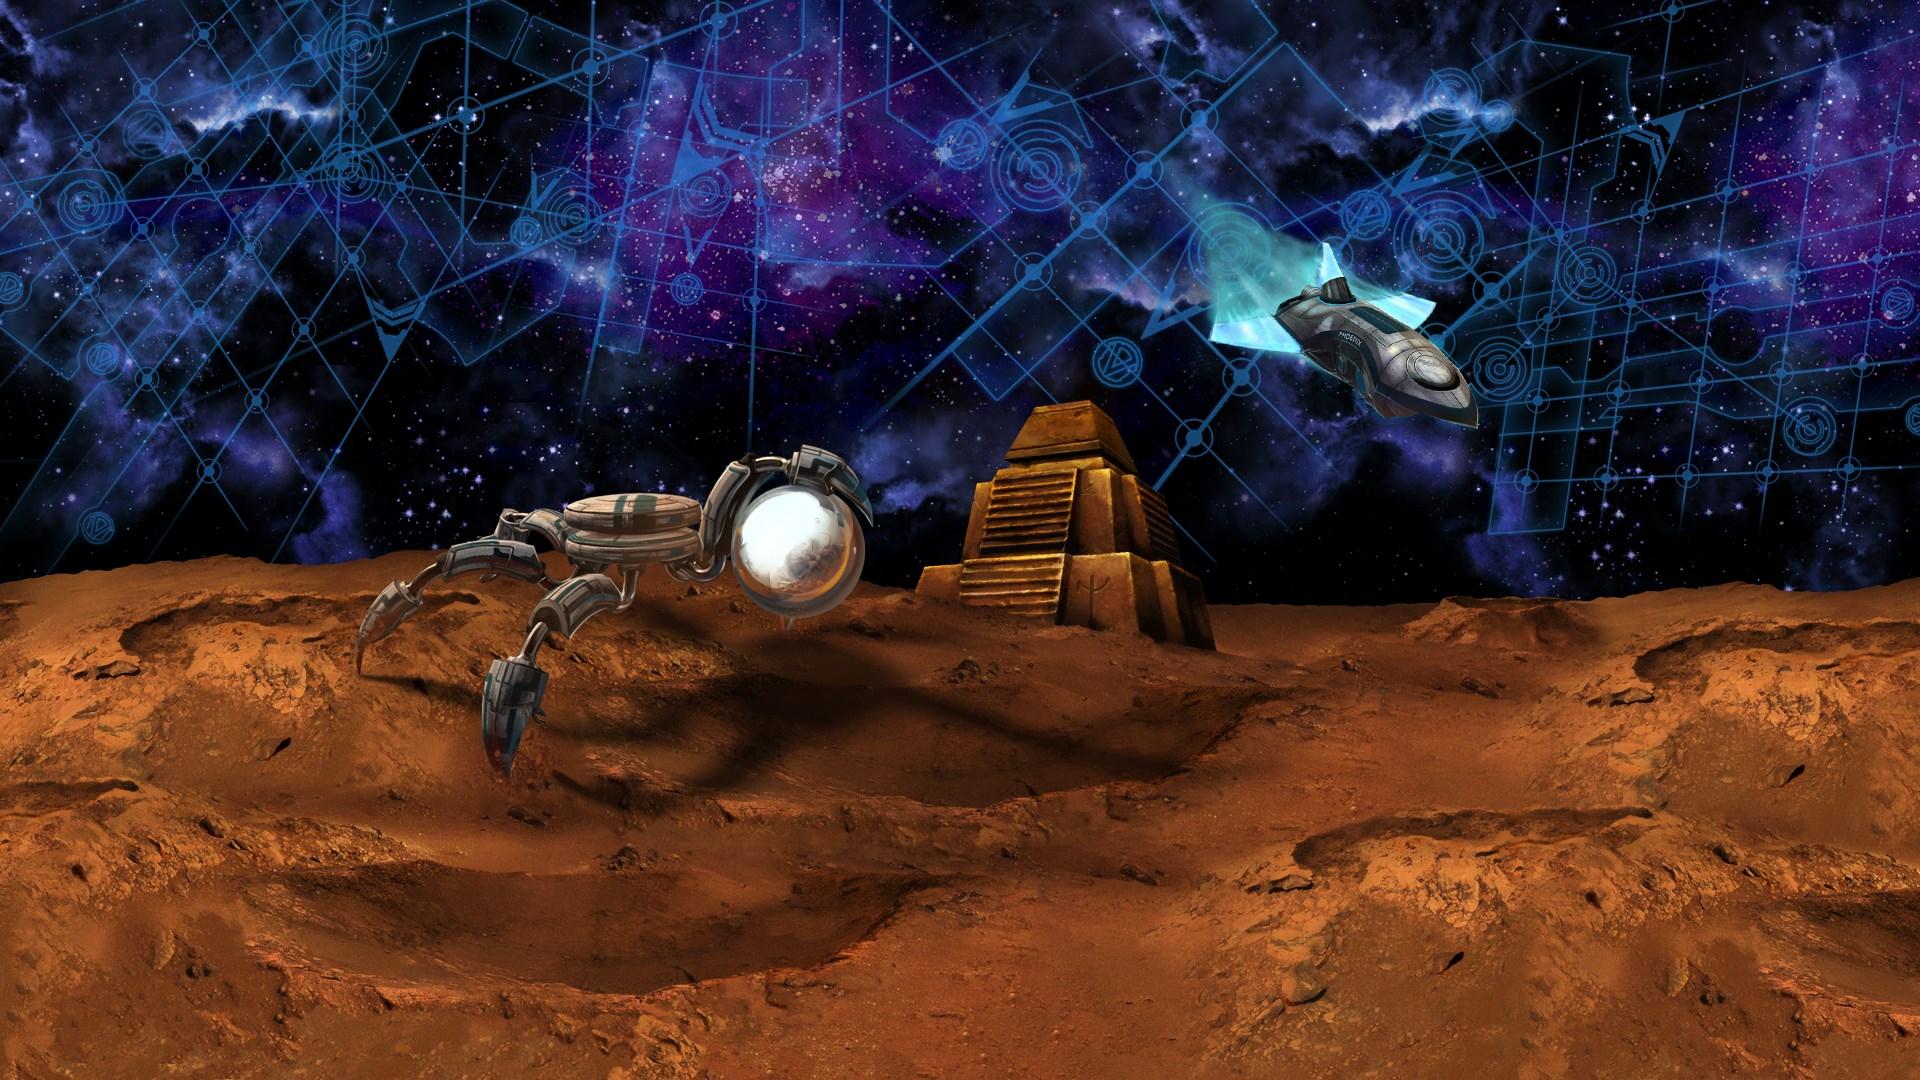 Buy Pinball FX3 - Mars - Microsoft Store